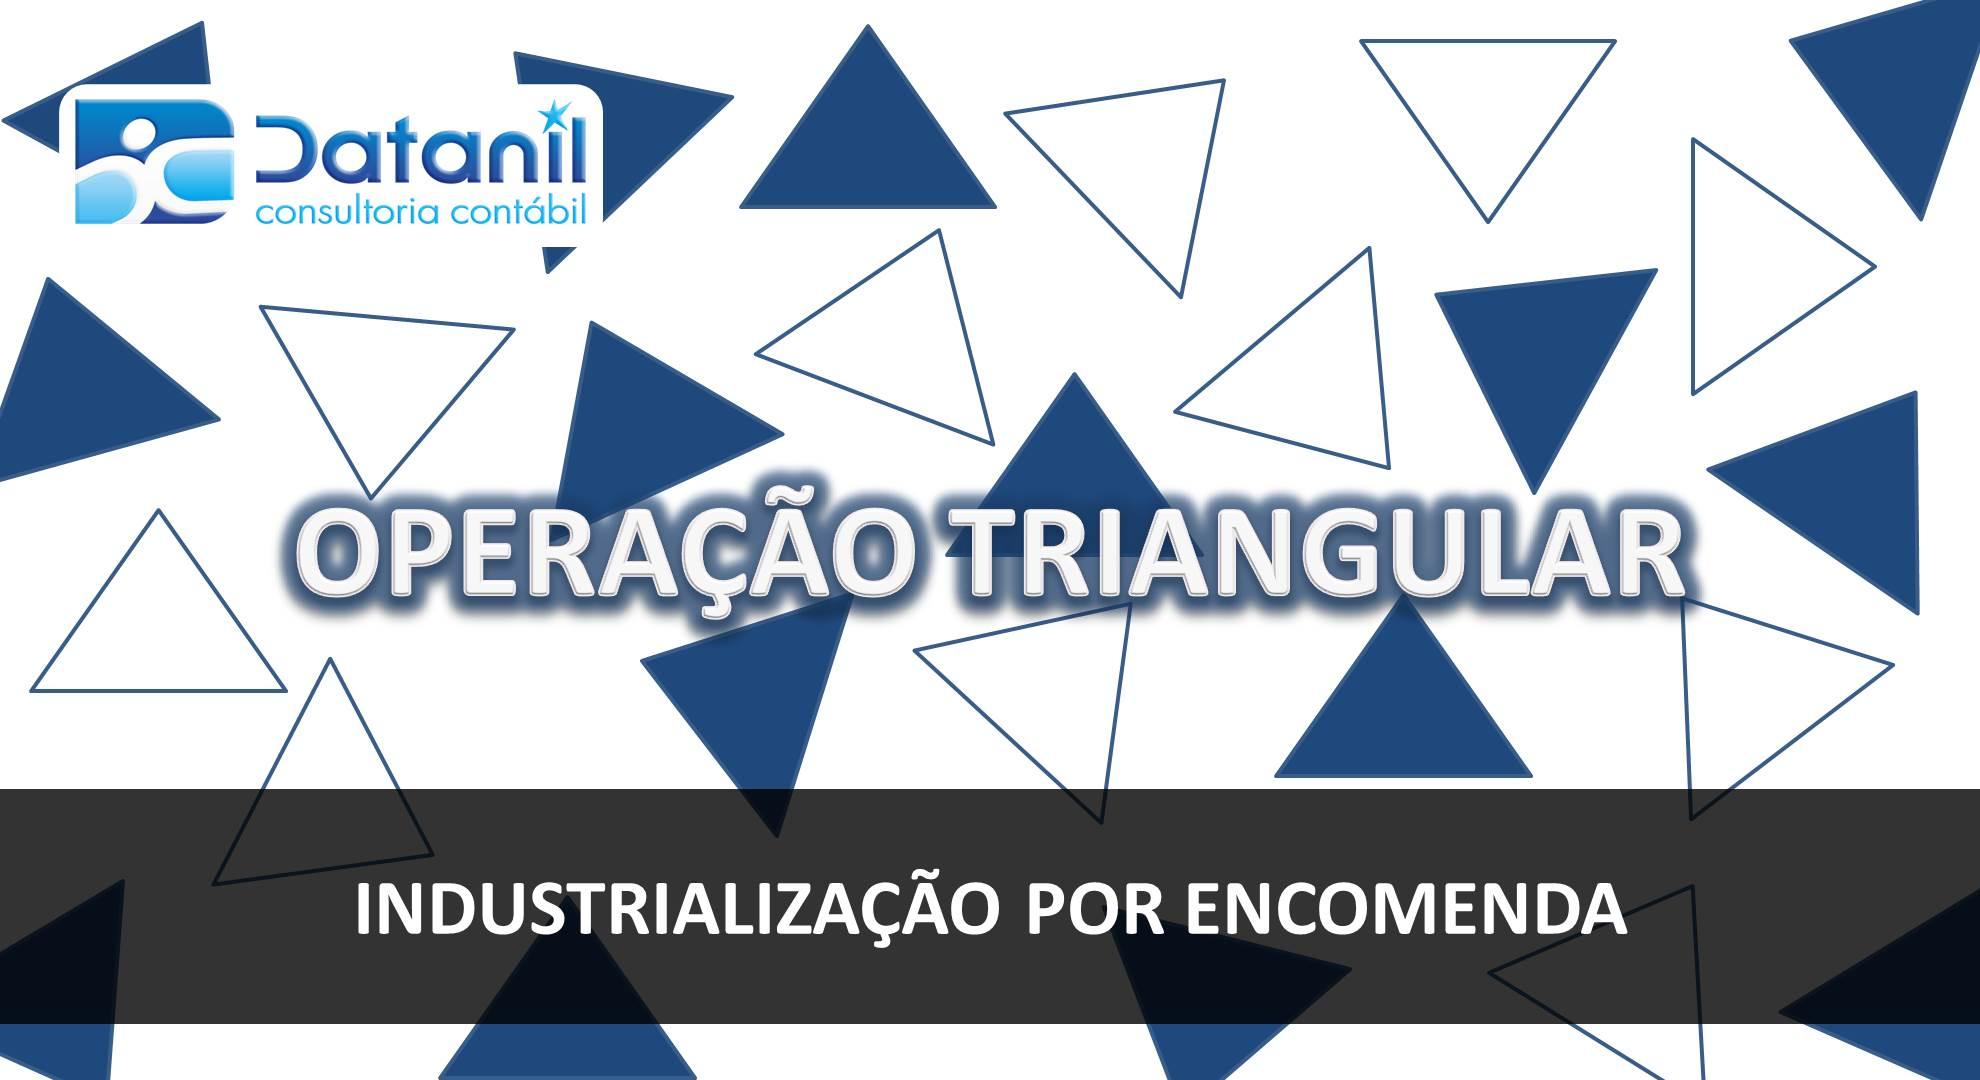 Operação Triangular De Industrialização